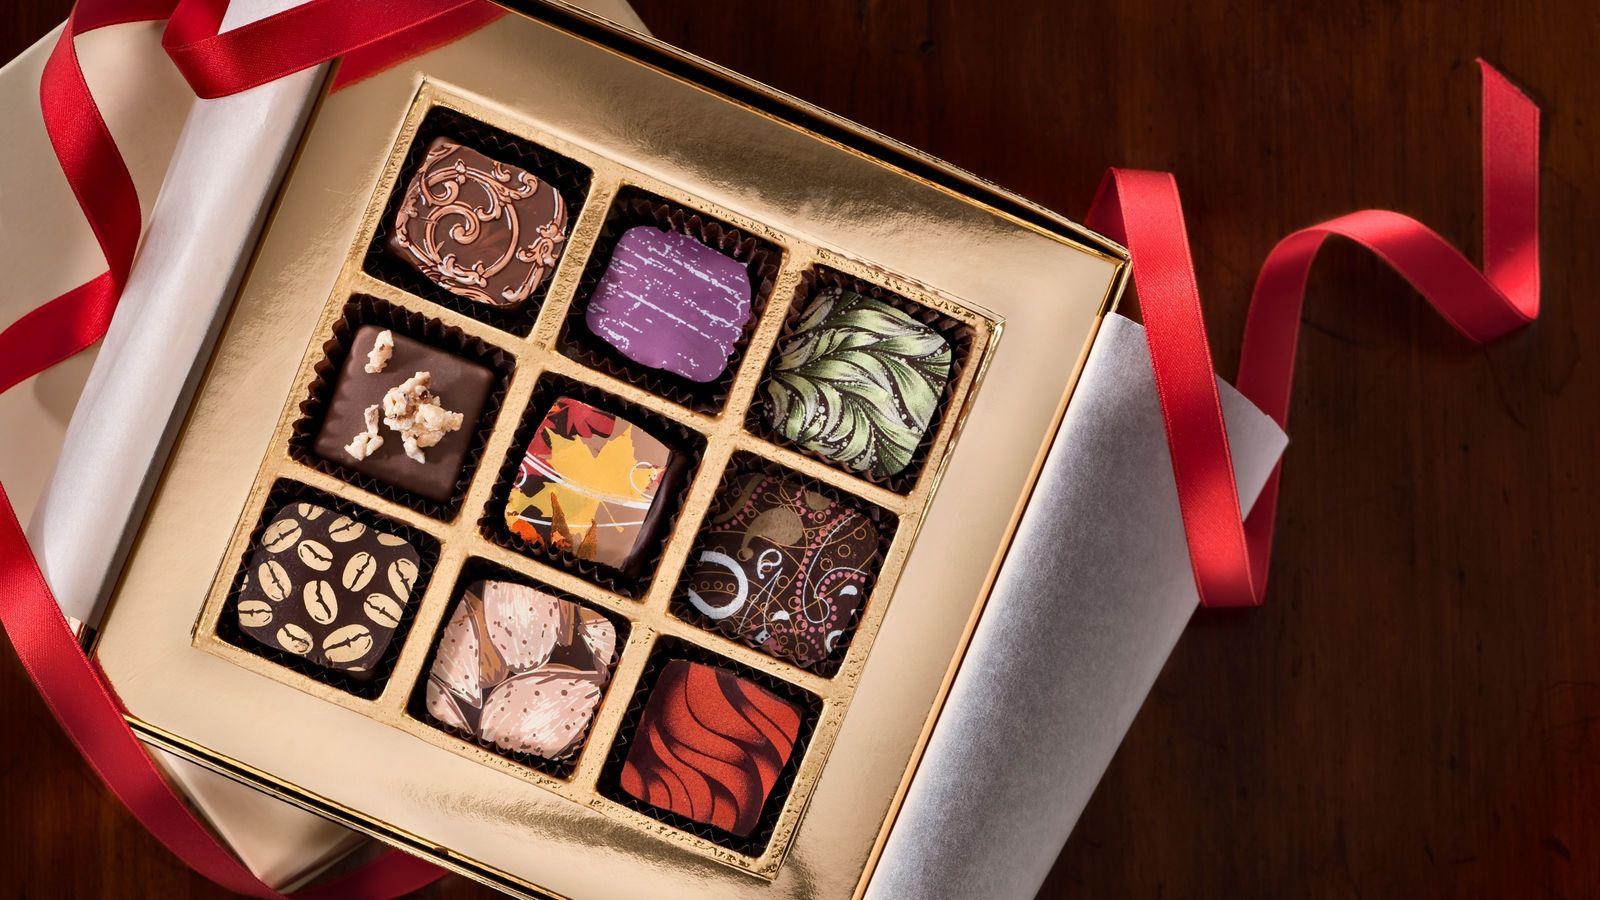 あなたvs手土産「誰か」との距離を縮めるチョコレート 距離を縮めたいなら手ぶらで行くな